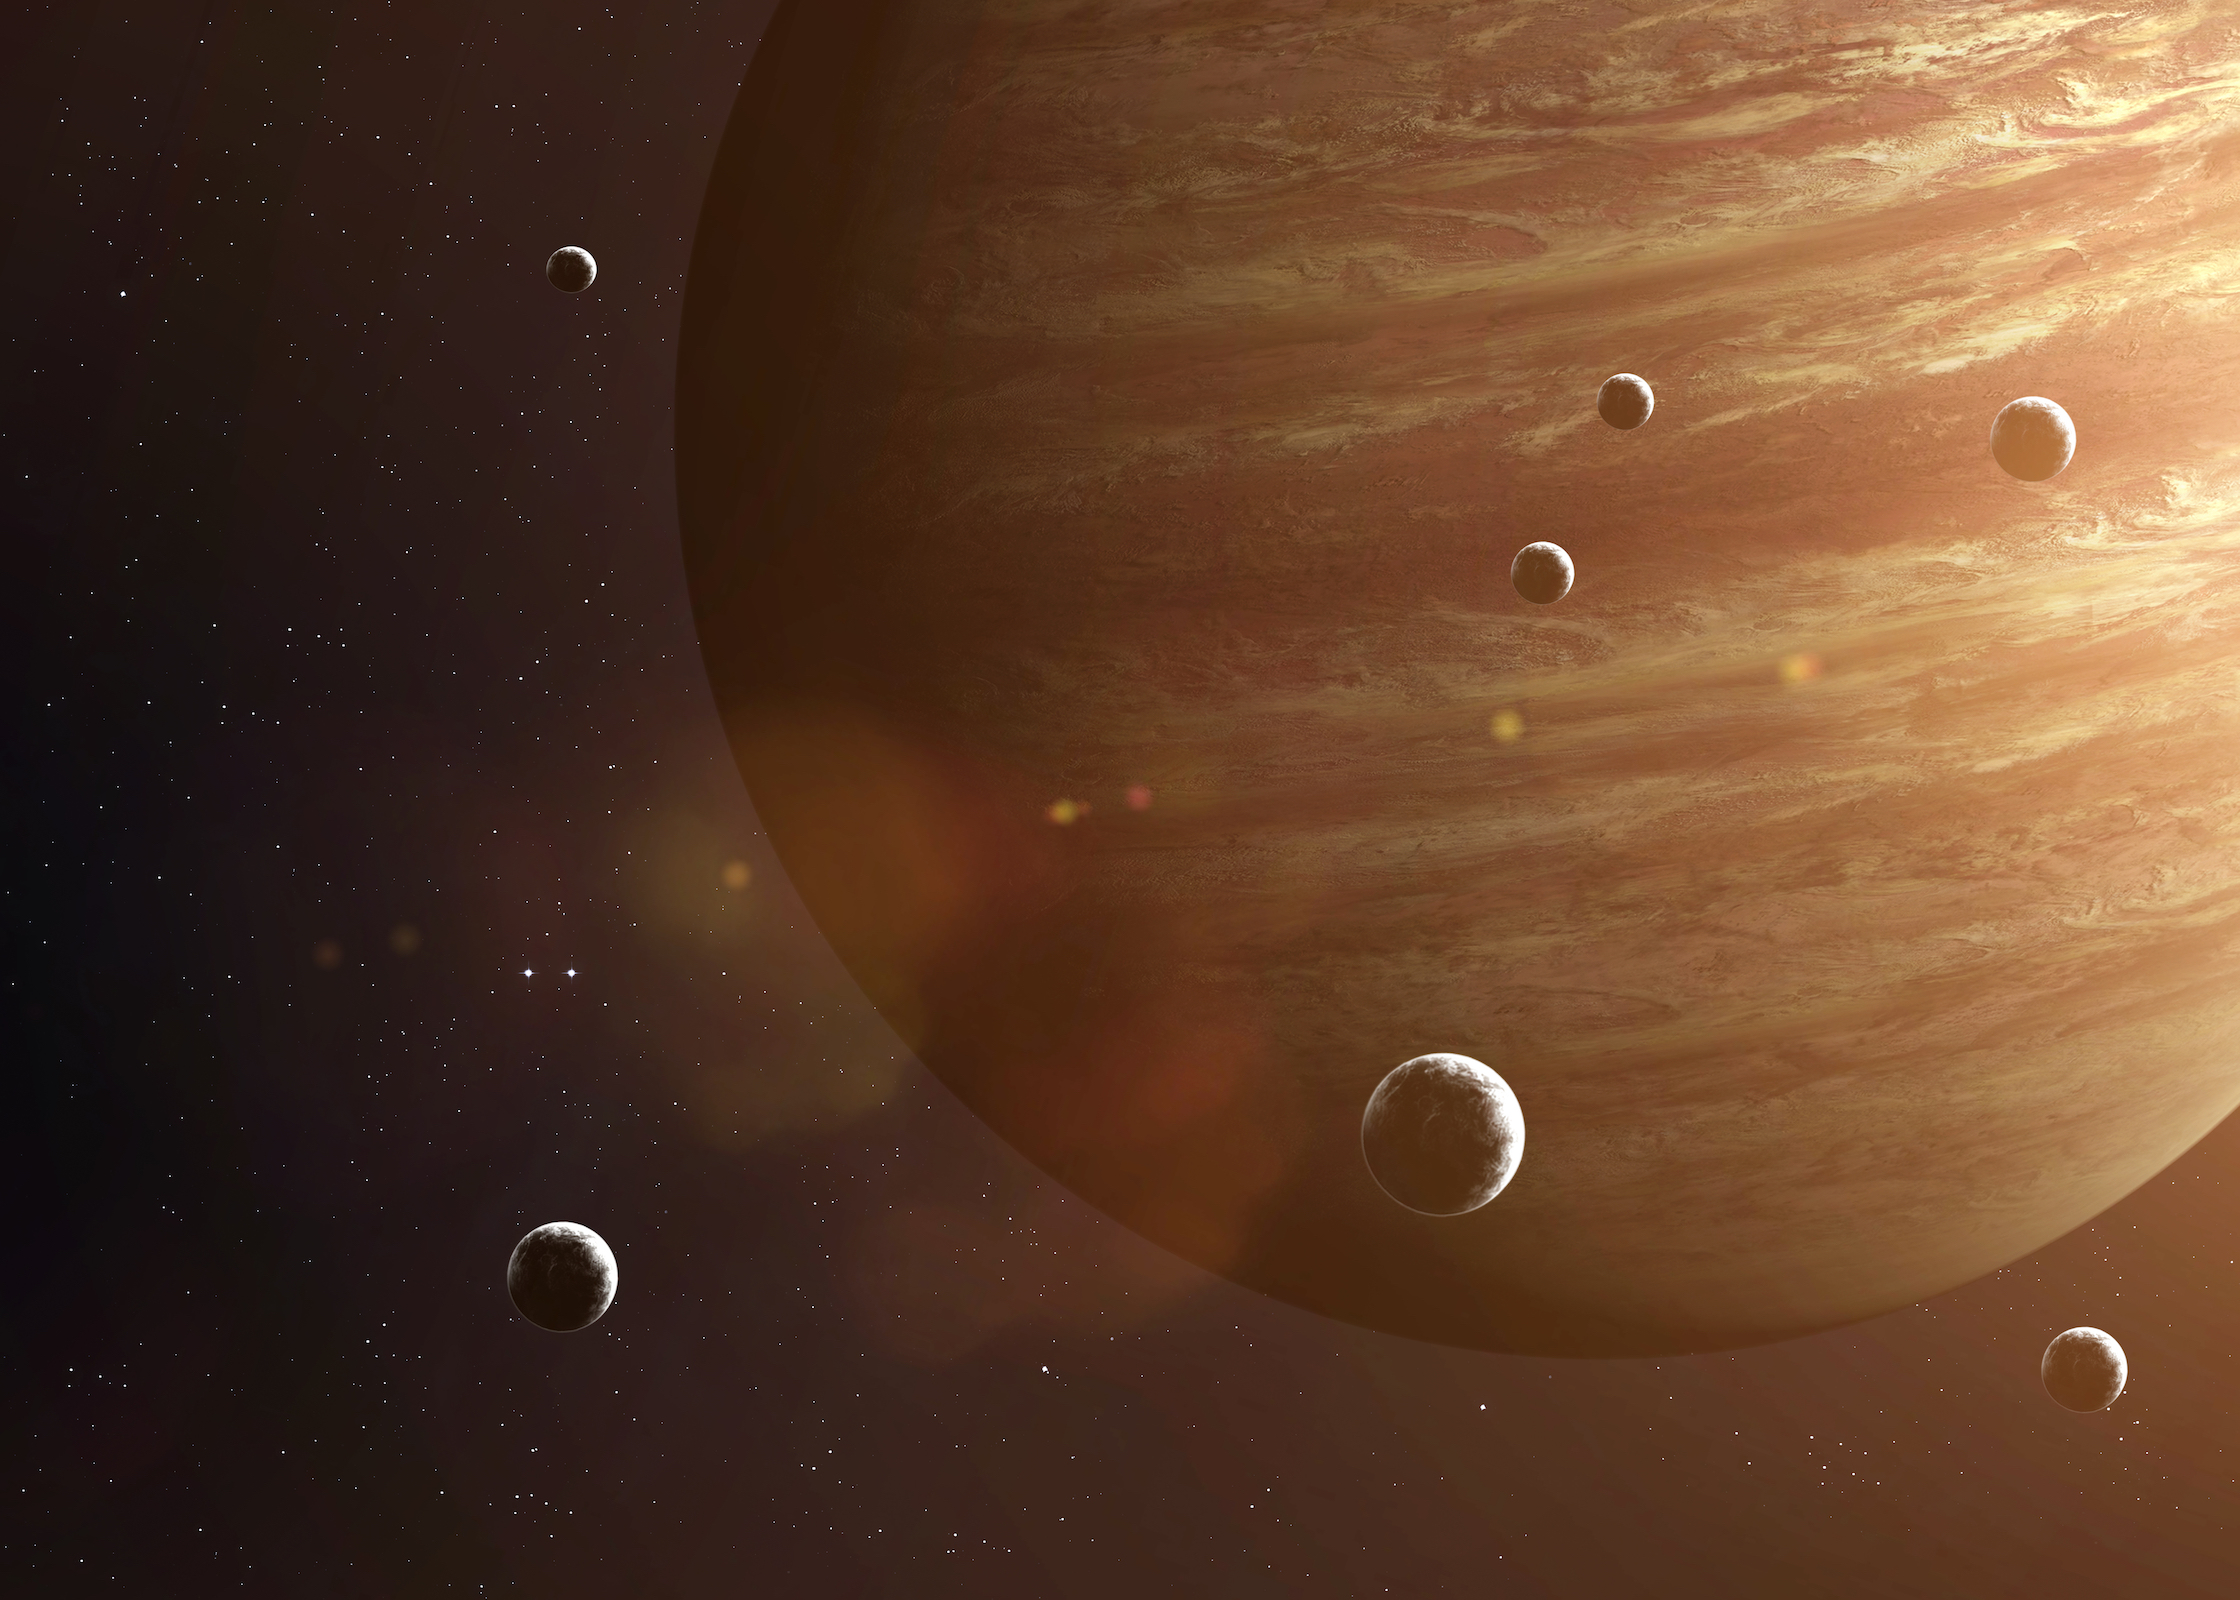 jupiter new moons-ის სურათის შედეგი